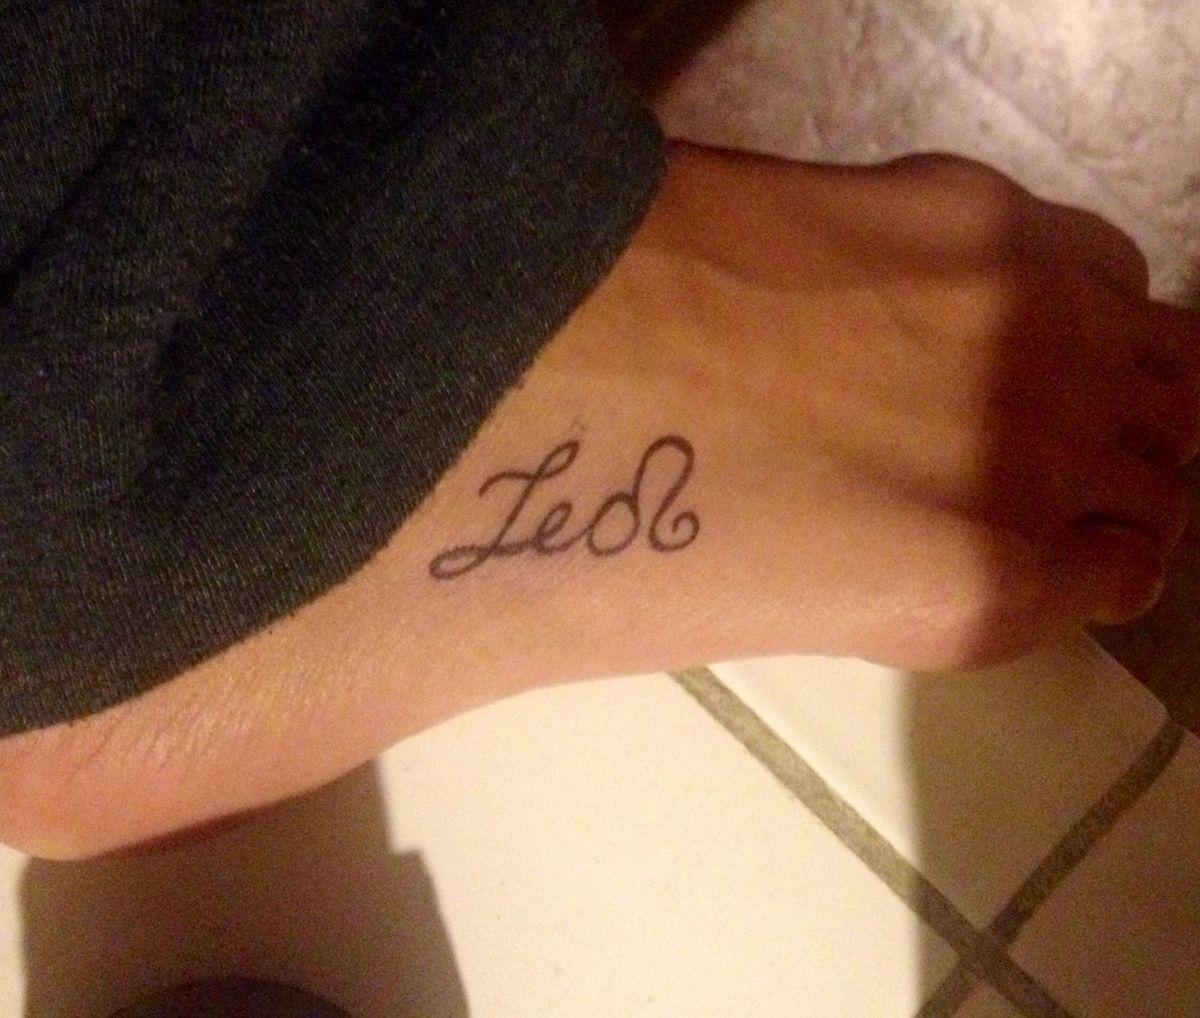 Memorial tattoos egodesigns - Memorial Tattoos Egodesigns 29